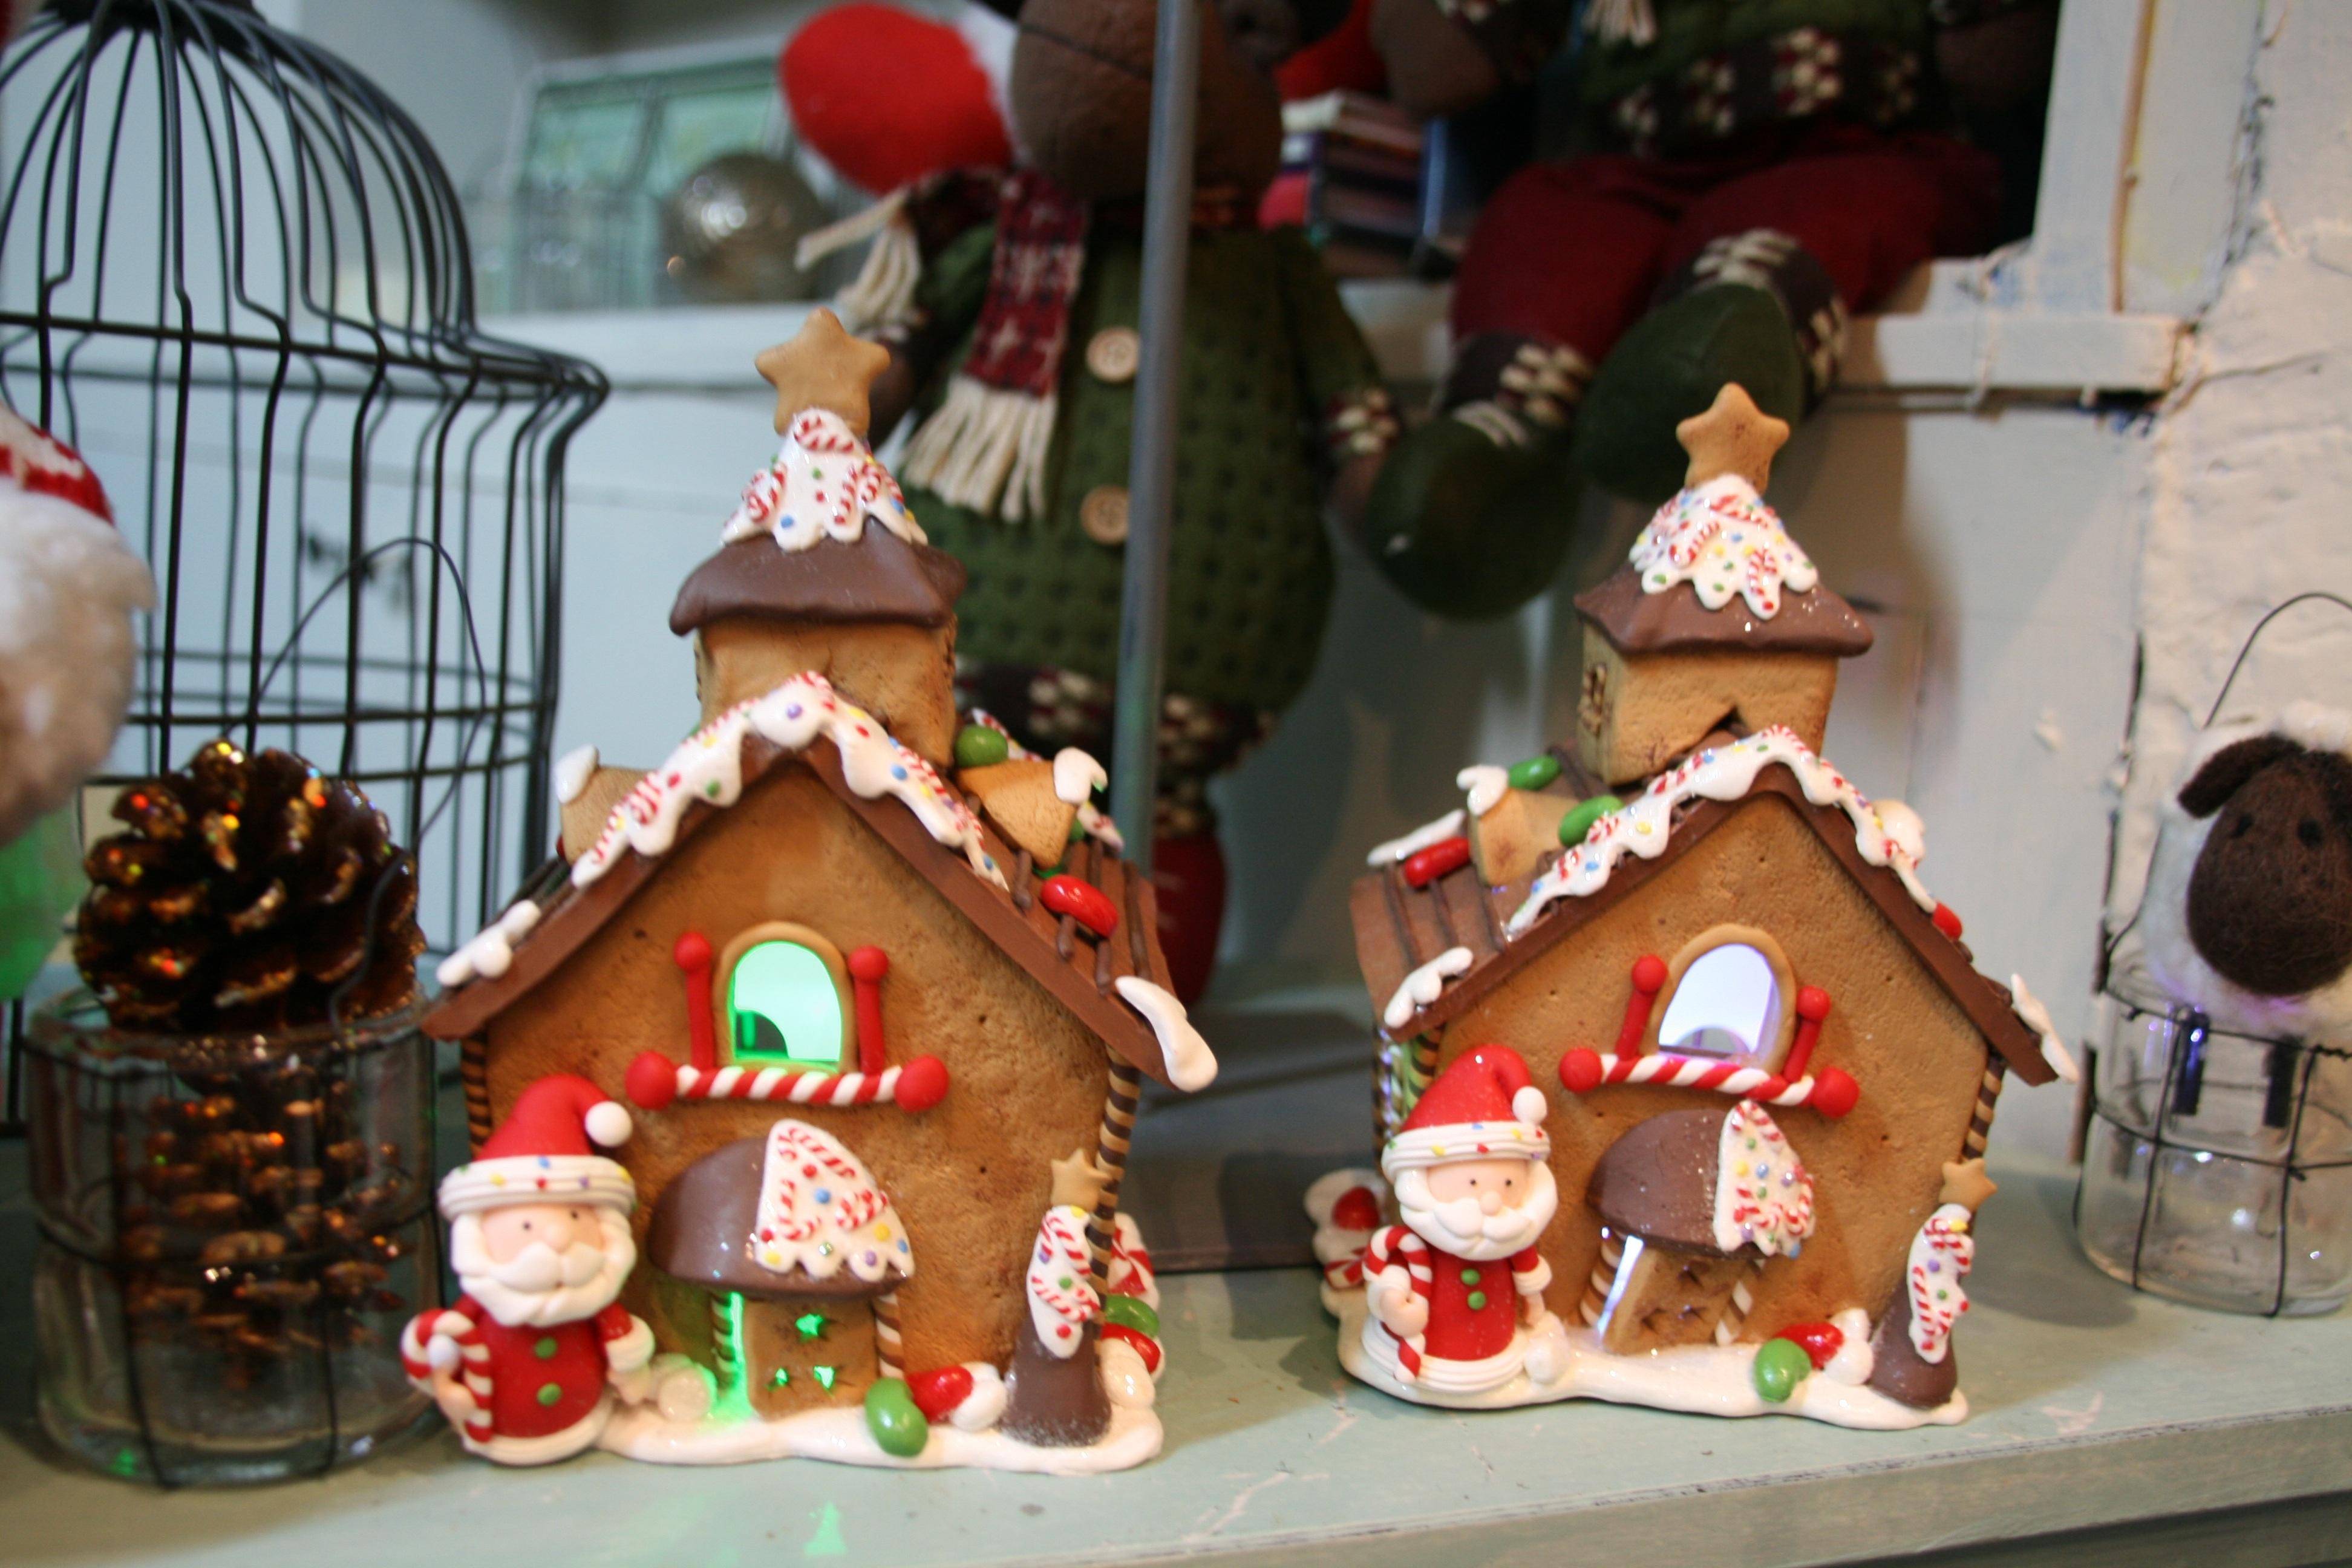 Navidad el blog de fiore - Casitas de navidad ...